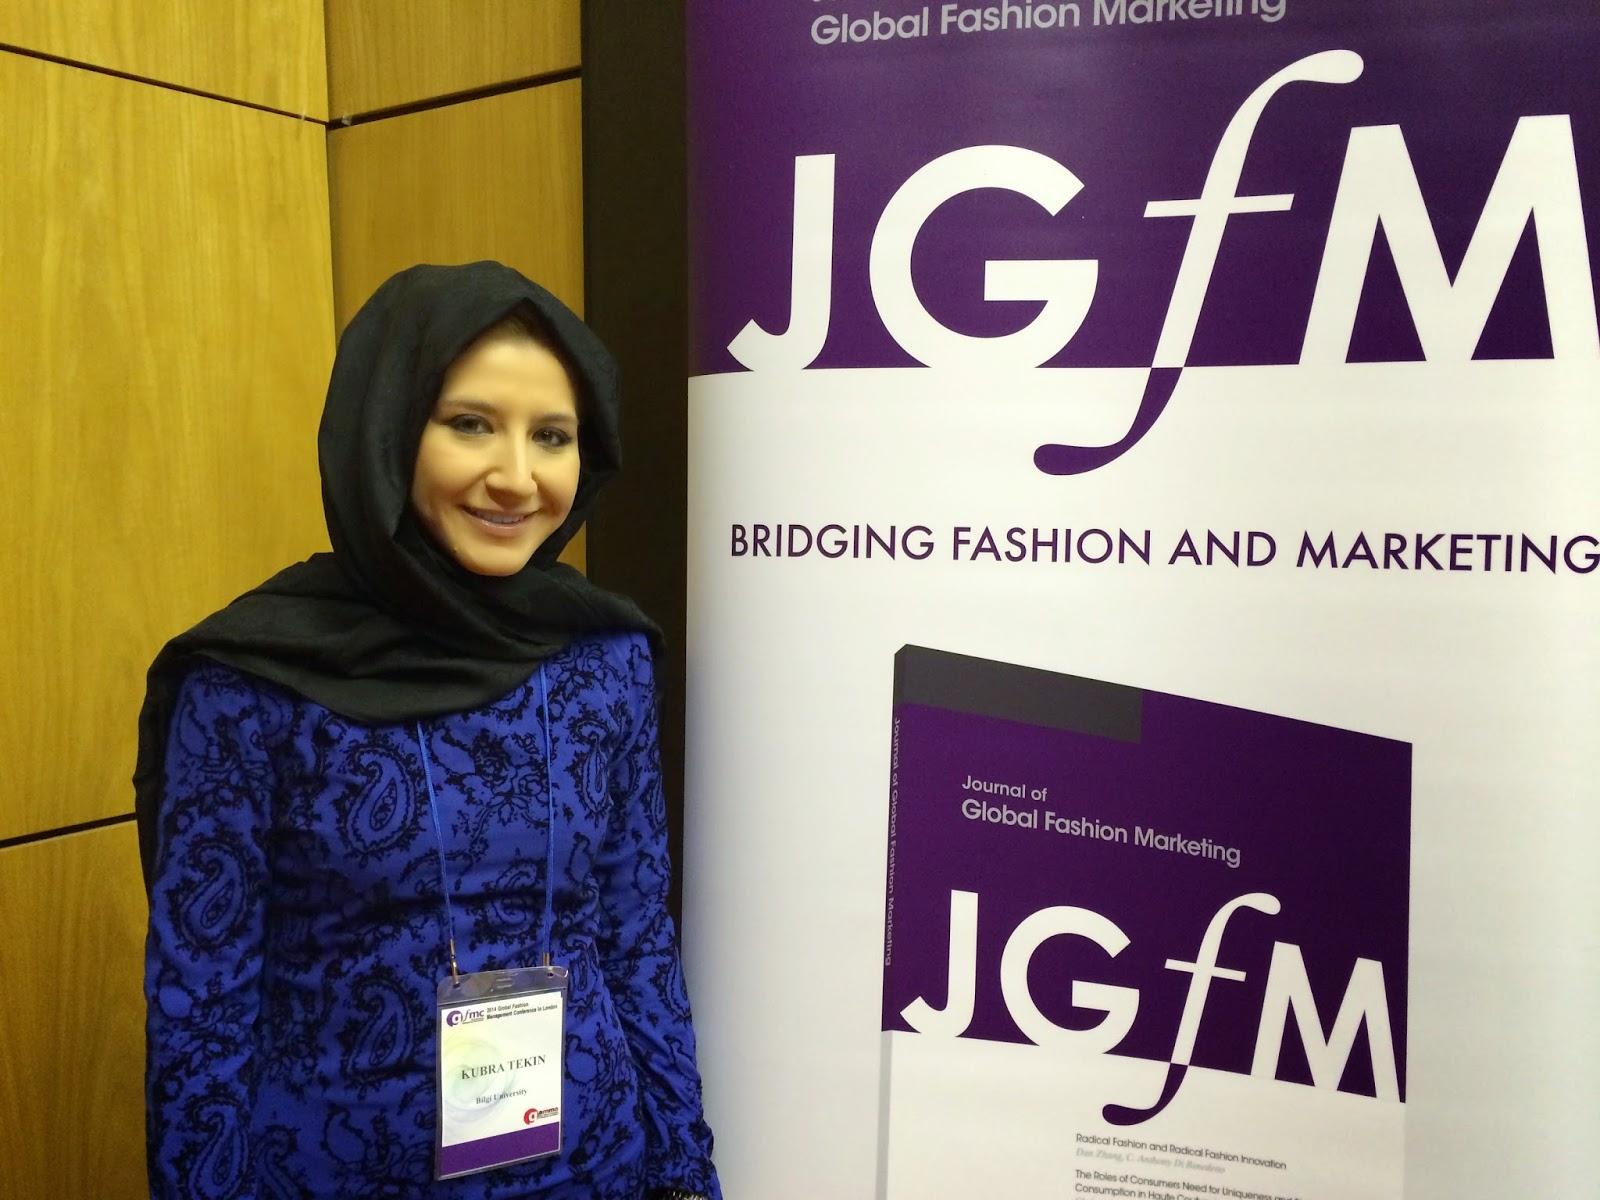 Fashion designer rohit bal